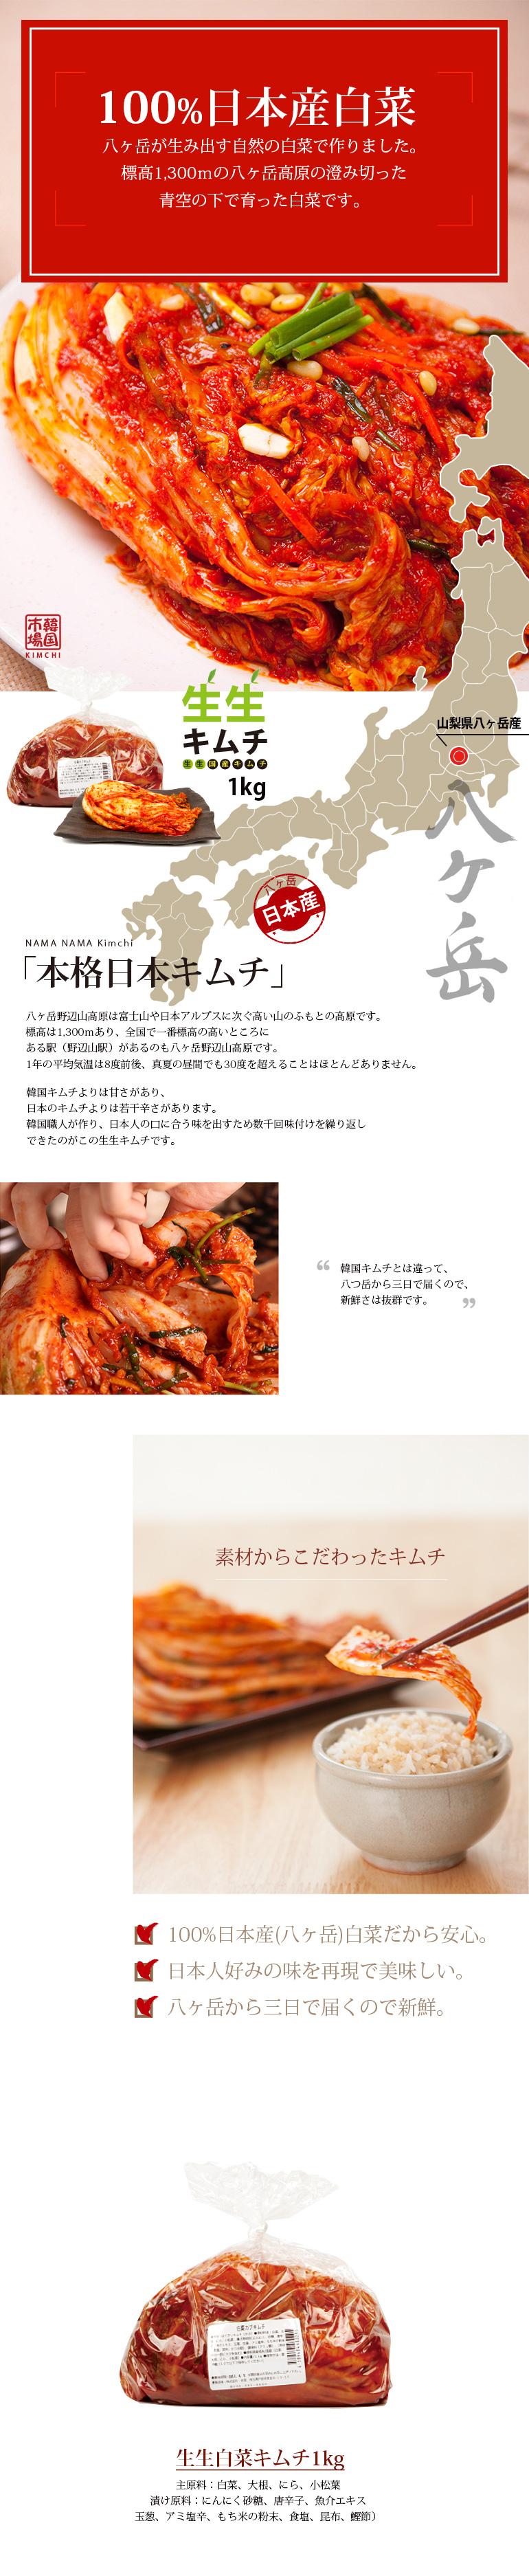 日本産キムチ,白菜キムチ,キムチ